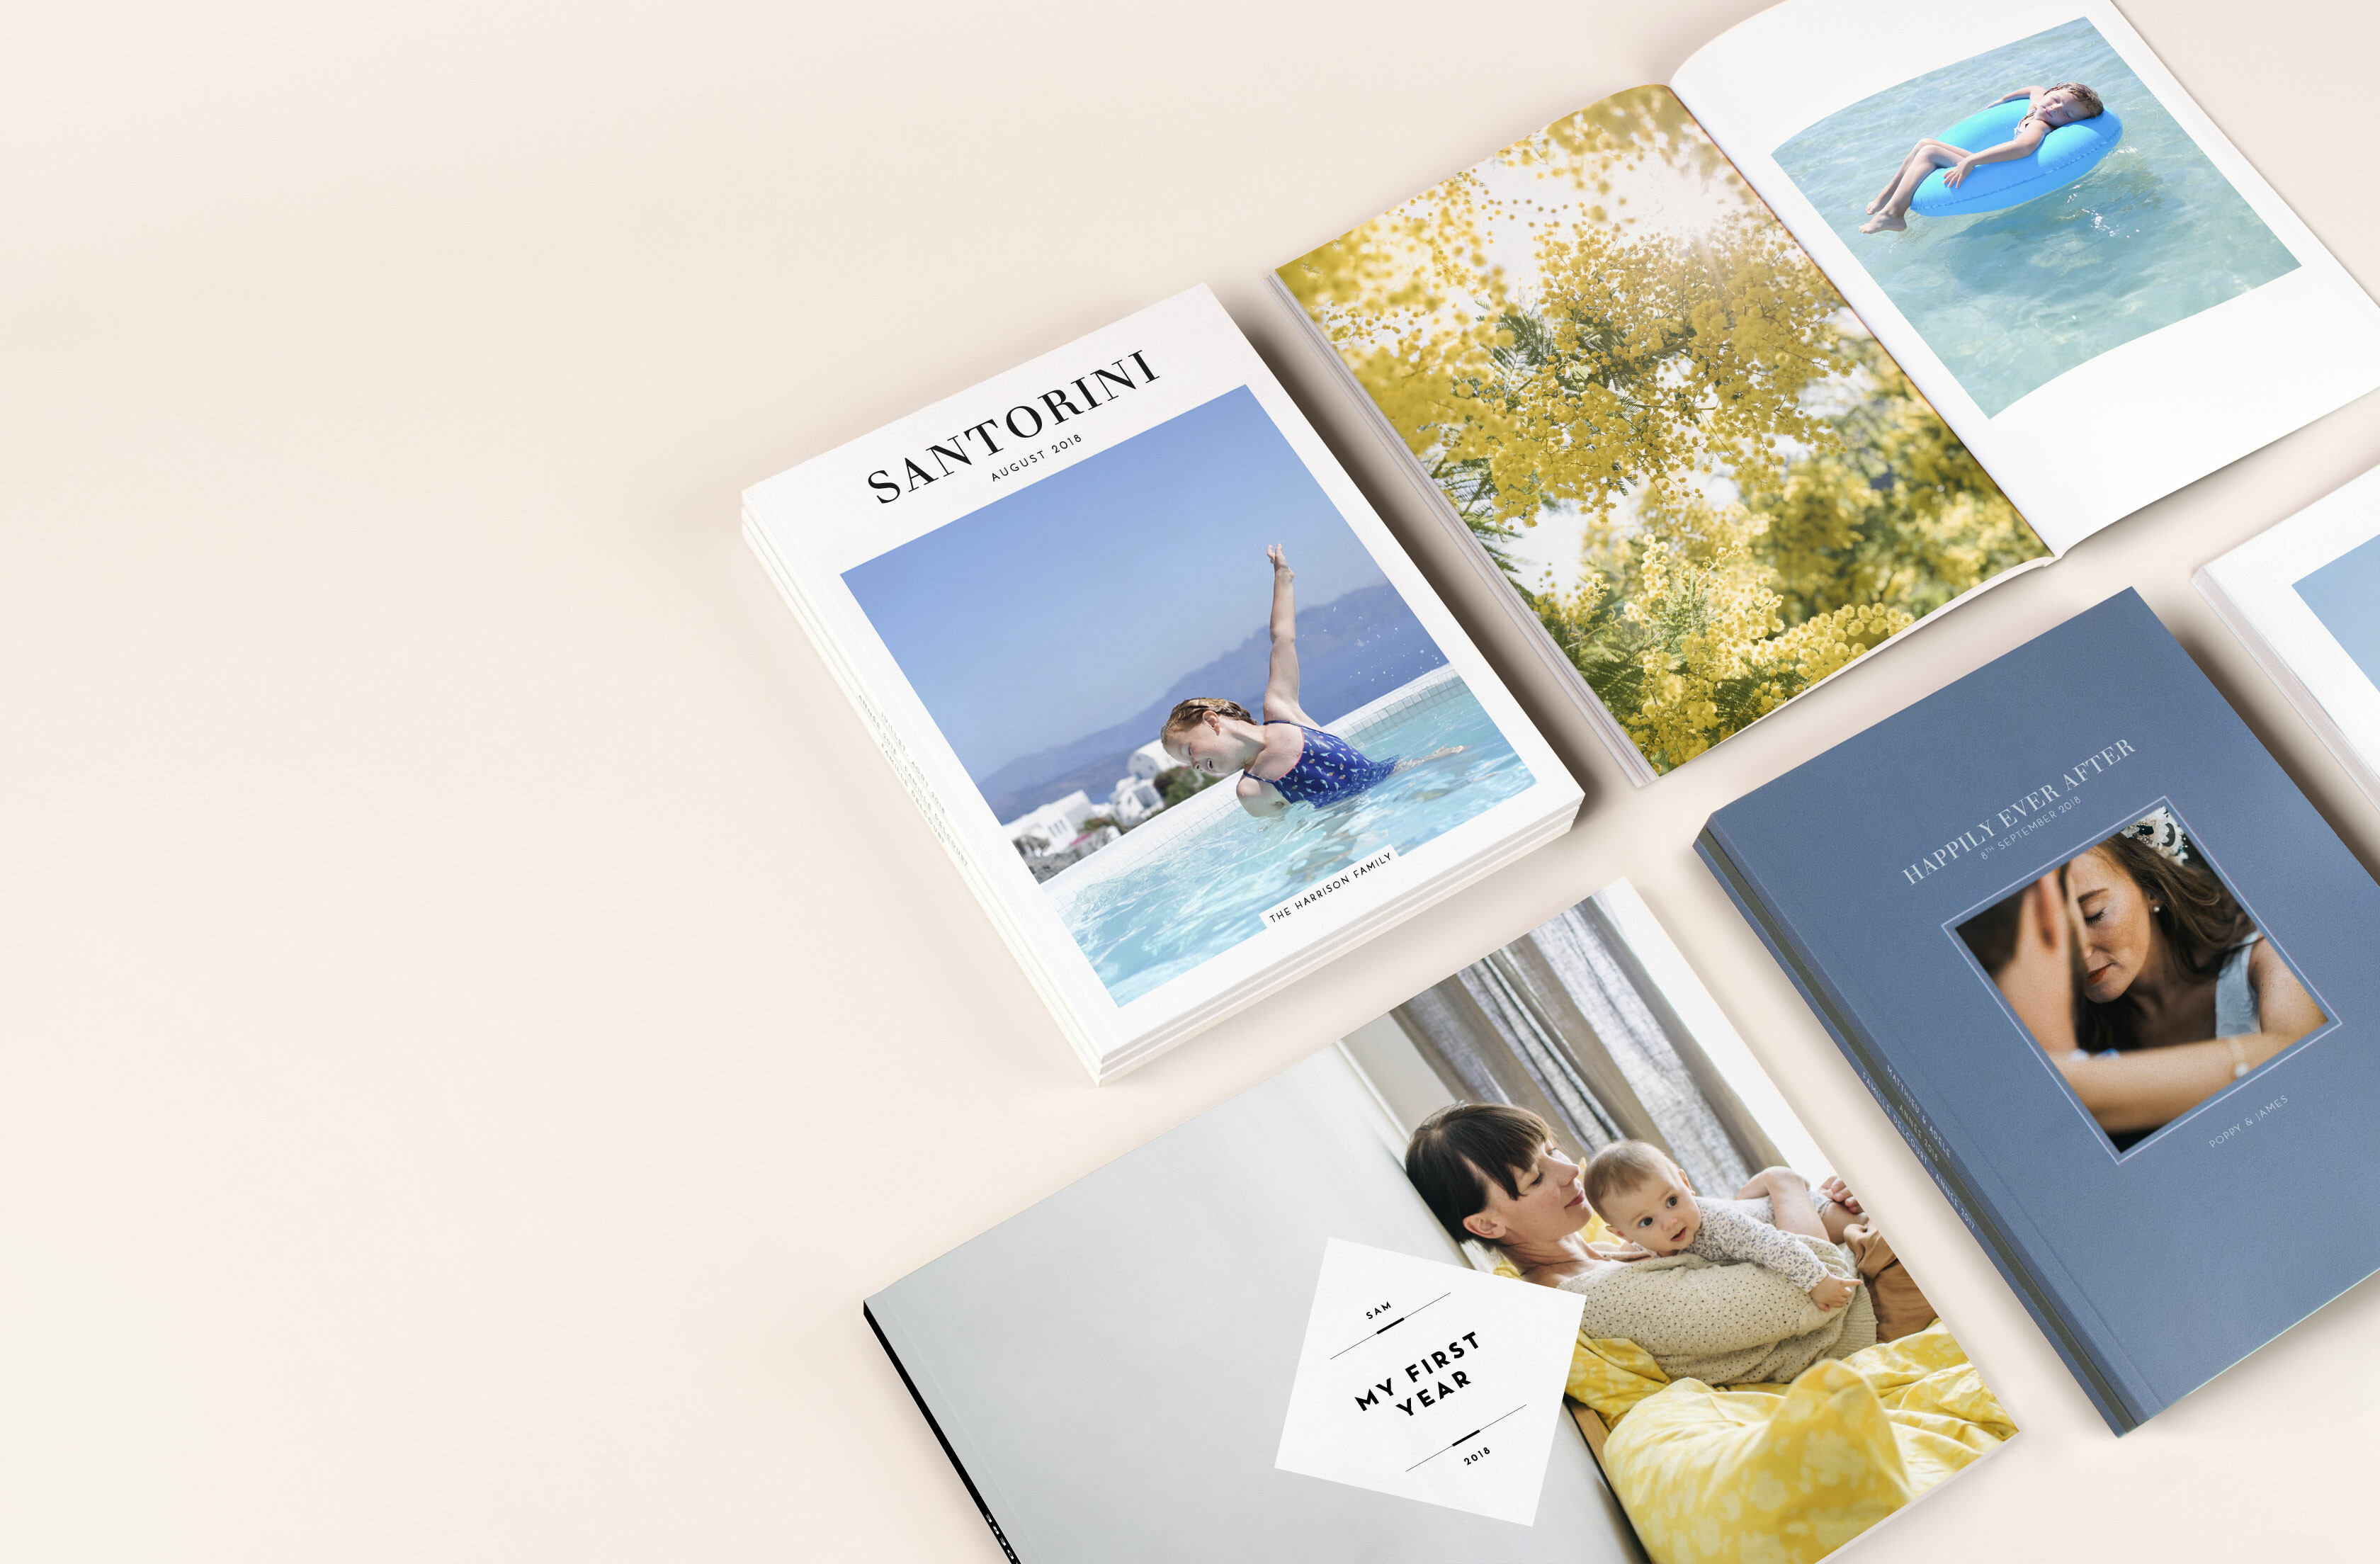 照片书的封面设计